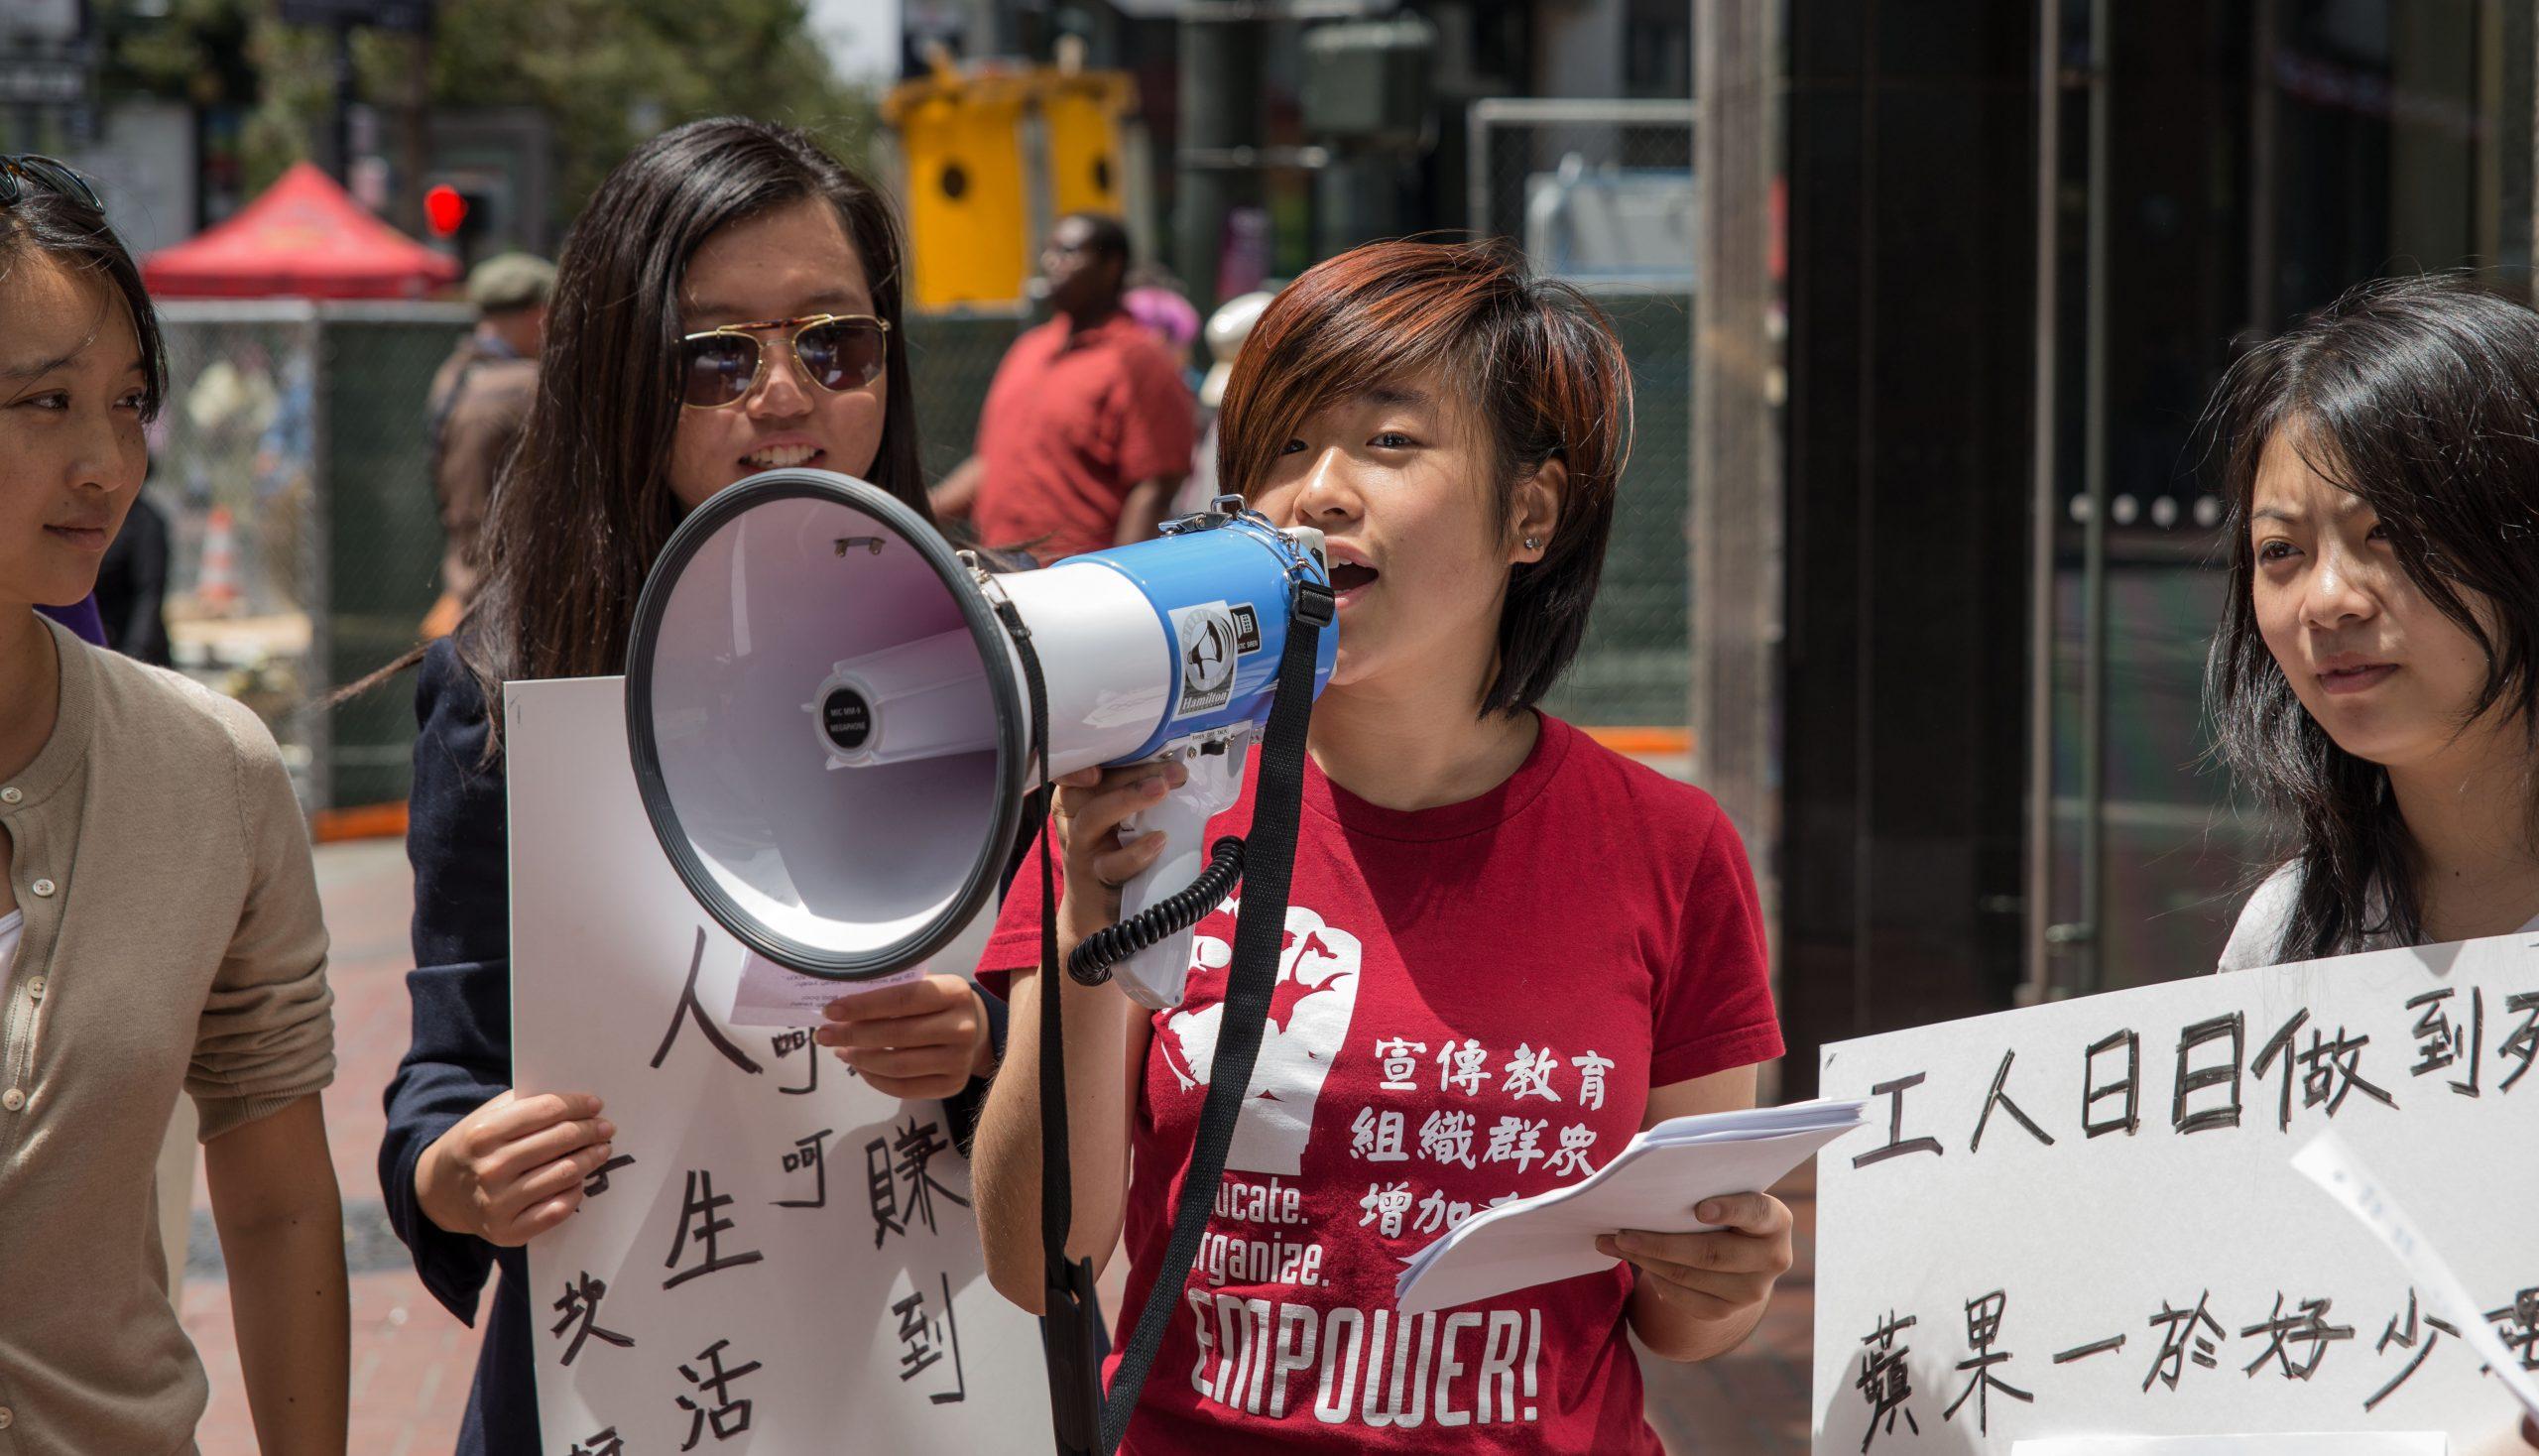 Hong Kong workers protesting